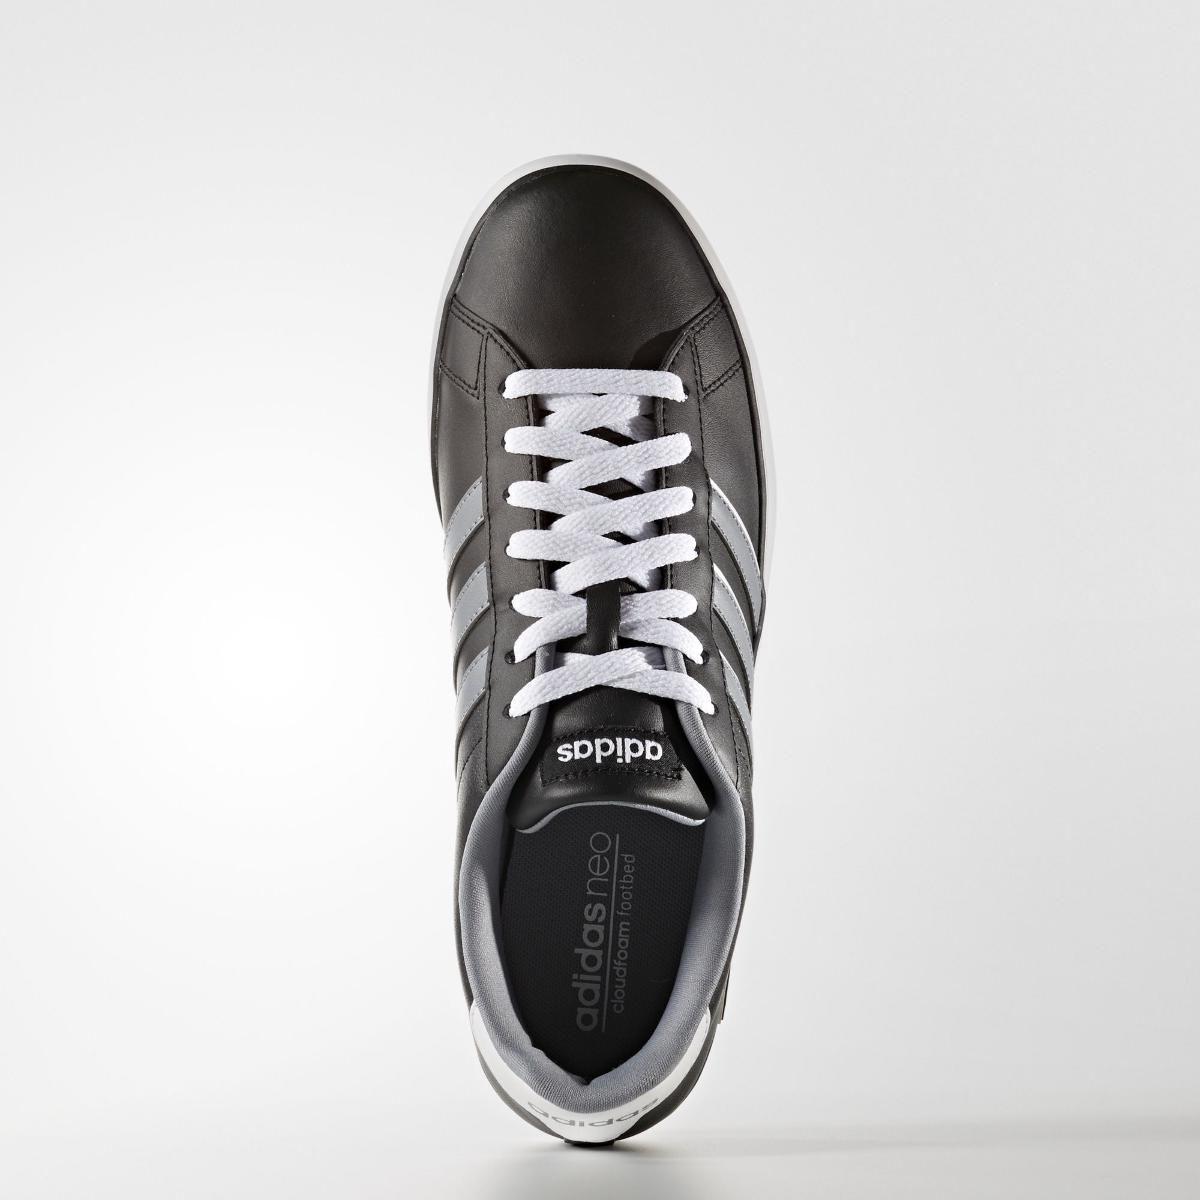 7412dbcced Tênis Adidas Derby Vulc Em Couro Listras Casual - BRACIA SHOP  Loja ...